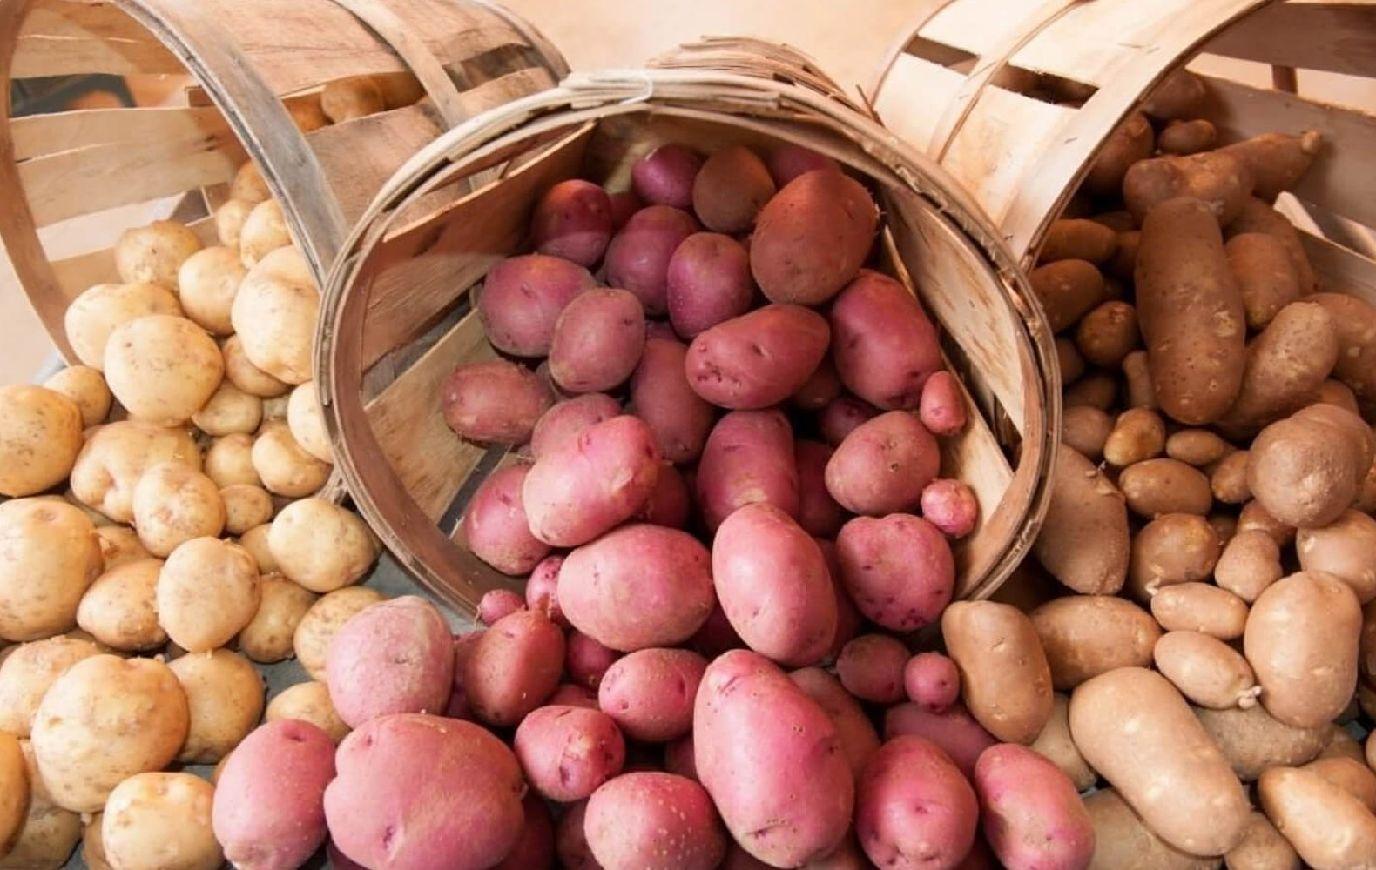 kak-hranit-kartofel-v-pogrebe-v-yashhikah-ili-rossypyu-1